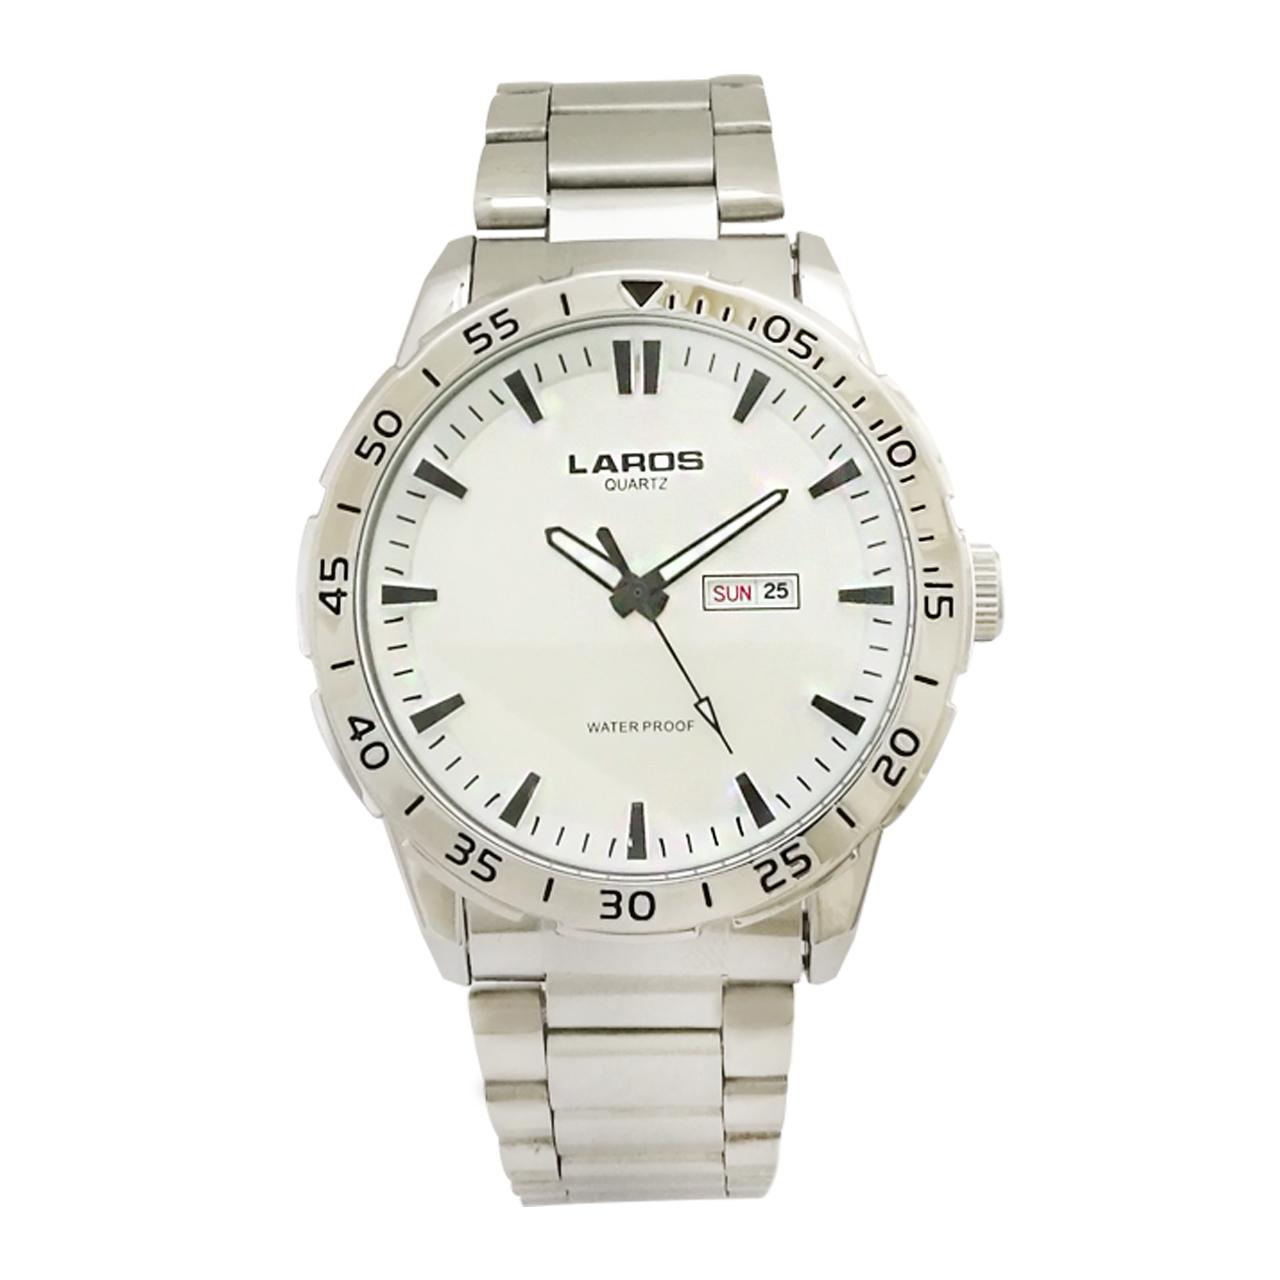 ساعت مچی عقربه ای مردانه لاروس مدل 0817-79943-DD به همراه دستمال مخصوص برند کلین واچ 46